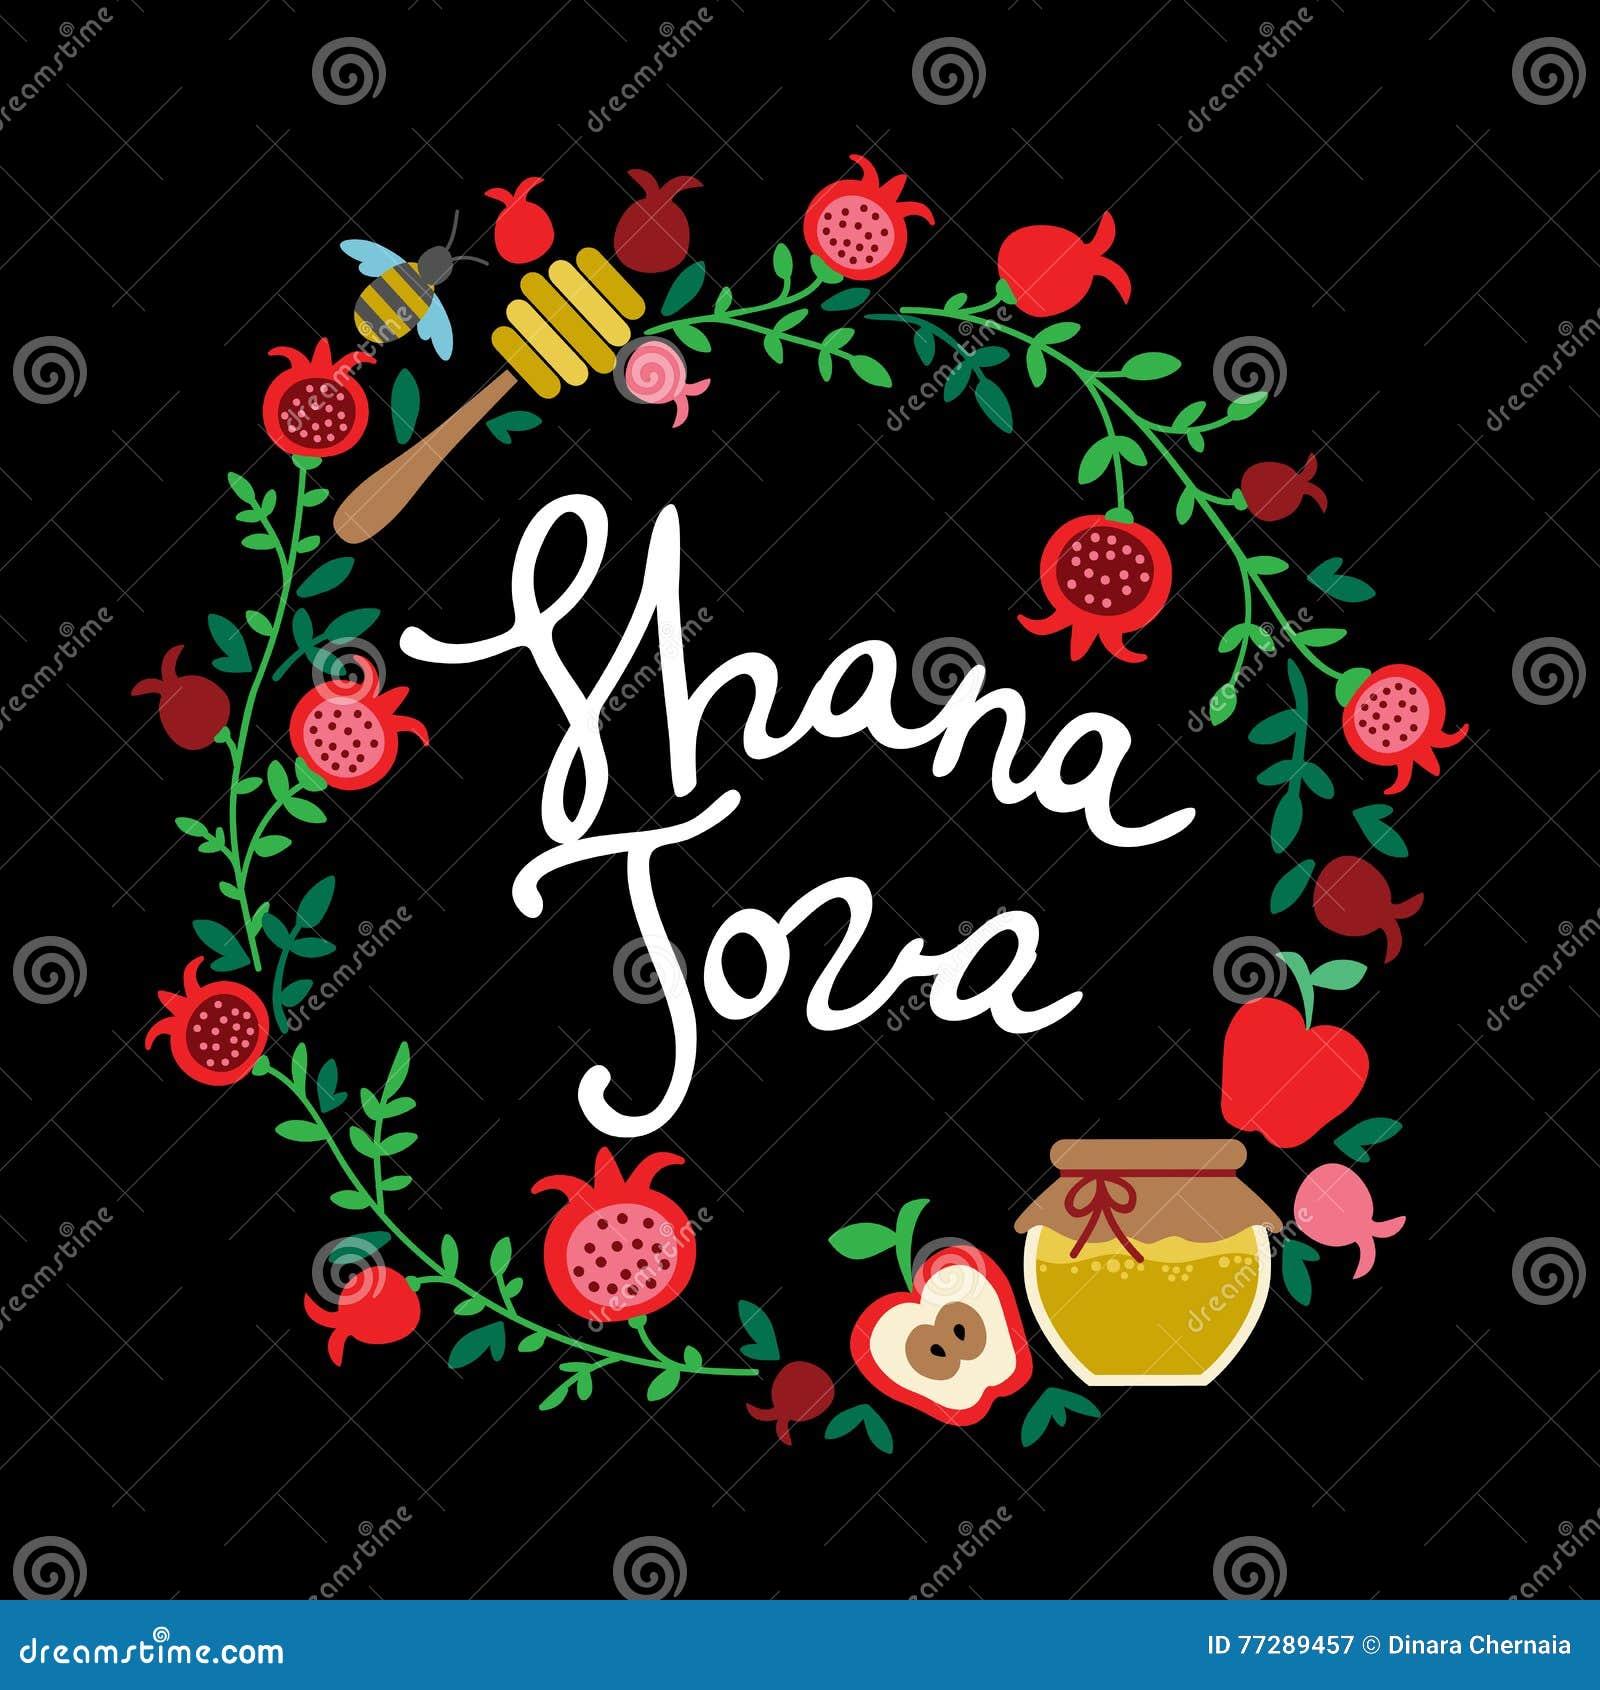 Shana tova happy new year on hebrew stock vector illustration of download shana tova happy new year on hebrew stock vector illustration of apple m4hsunfo